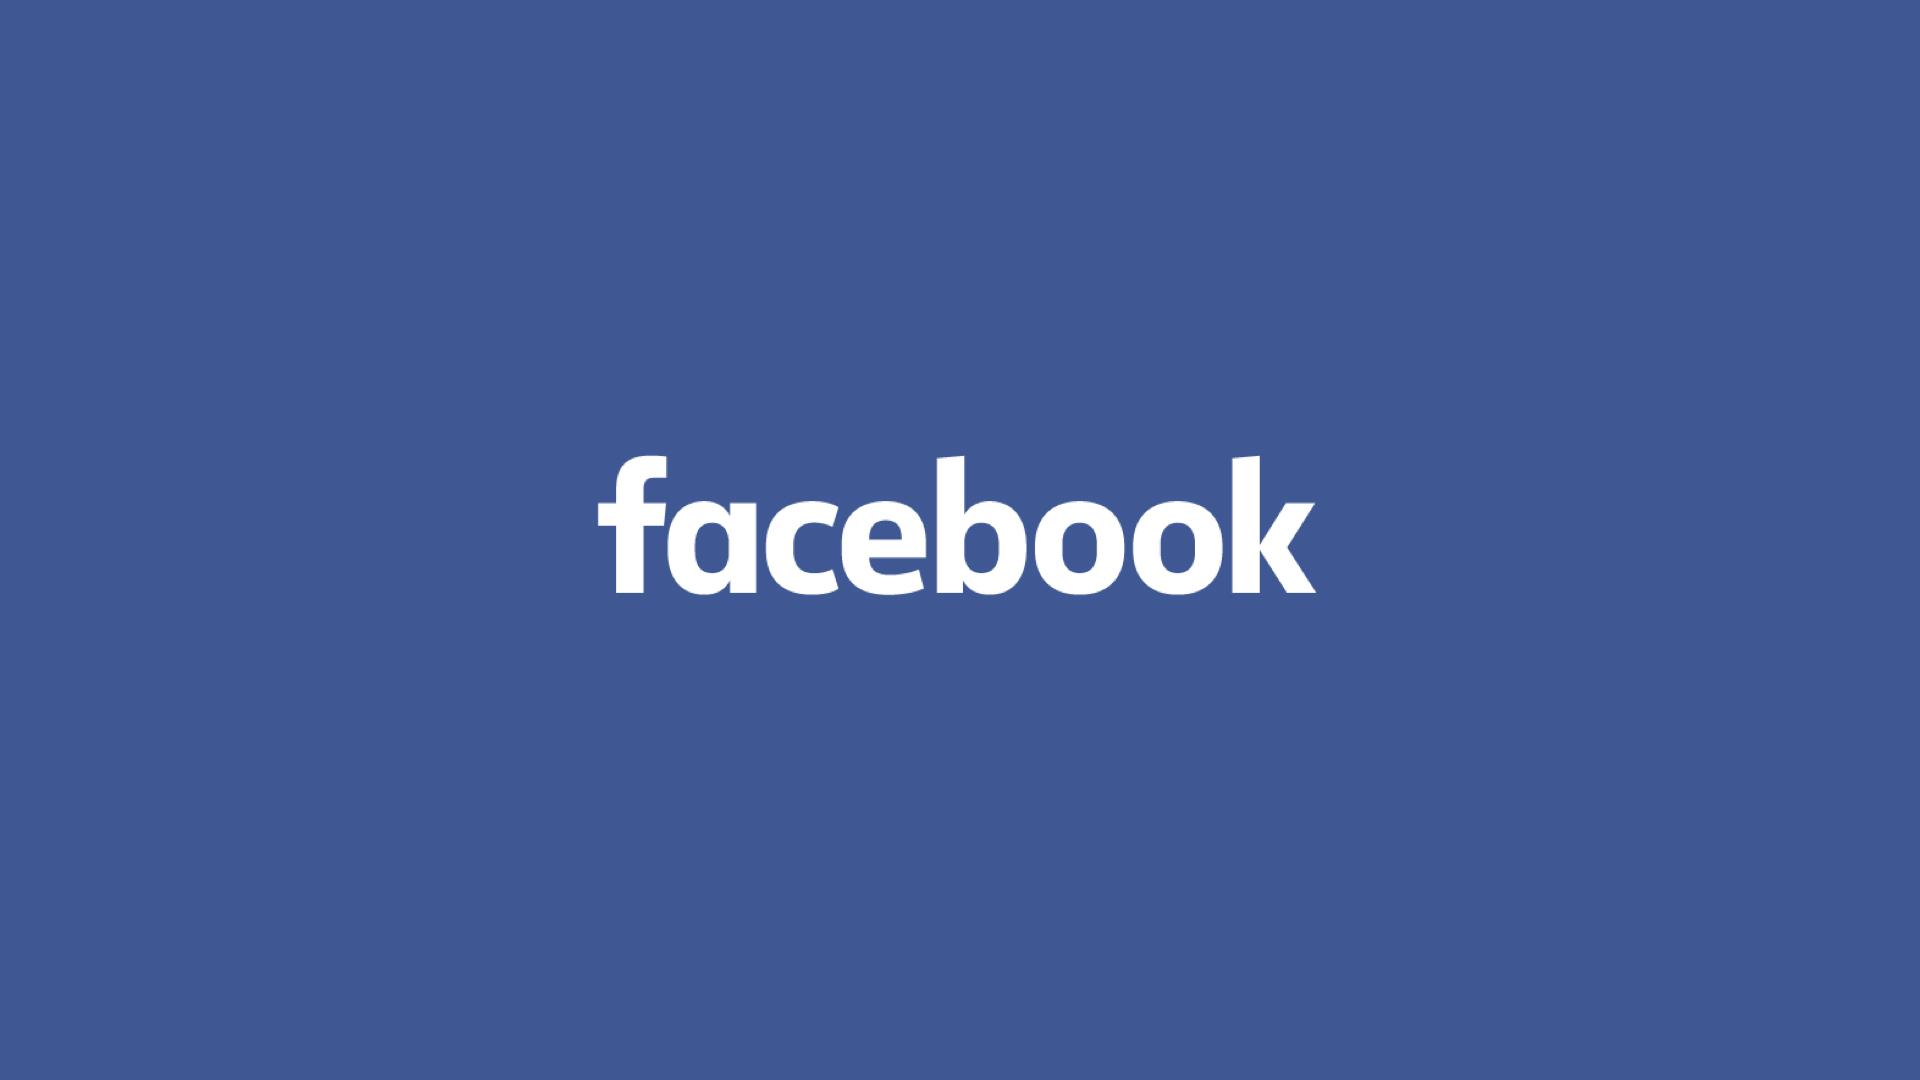 myanmarmilitarytemporarilyblocksfacebook